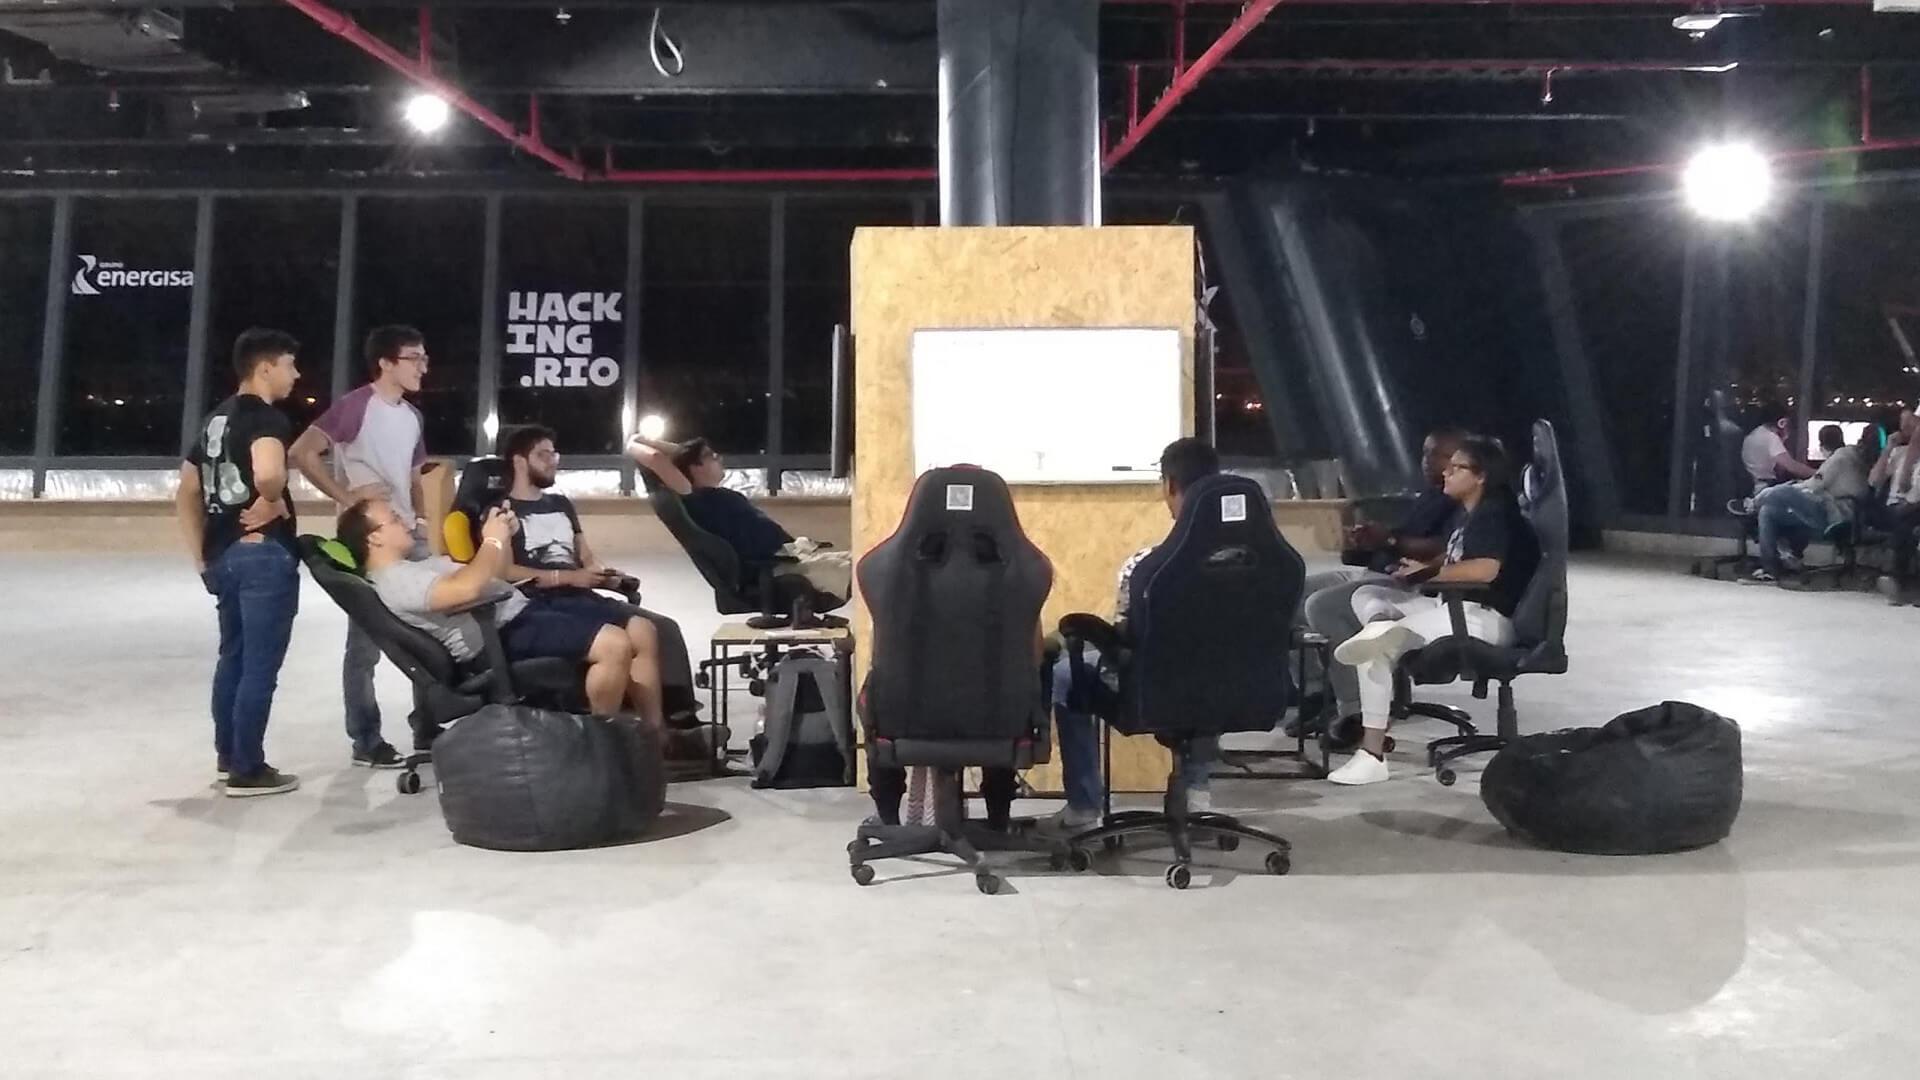 Os hackers contaram também com uma área com games para inspiração e descompressão.